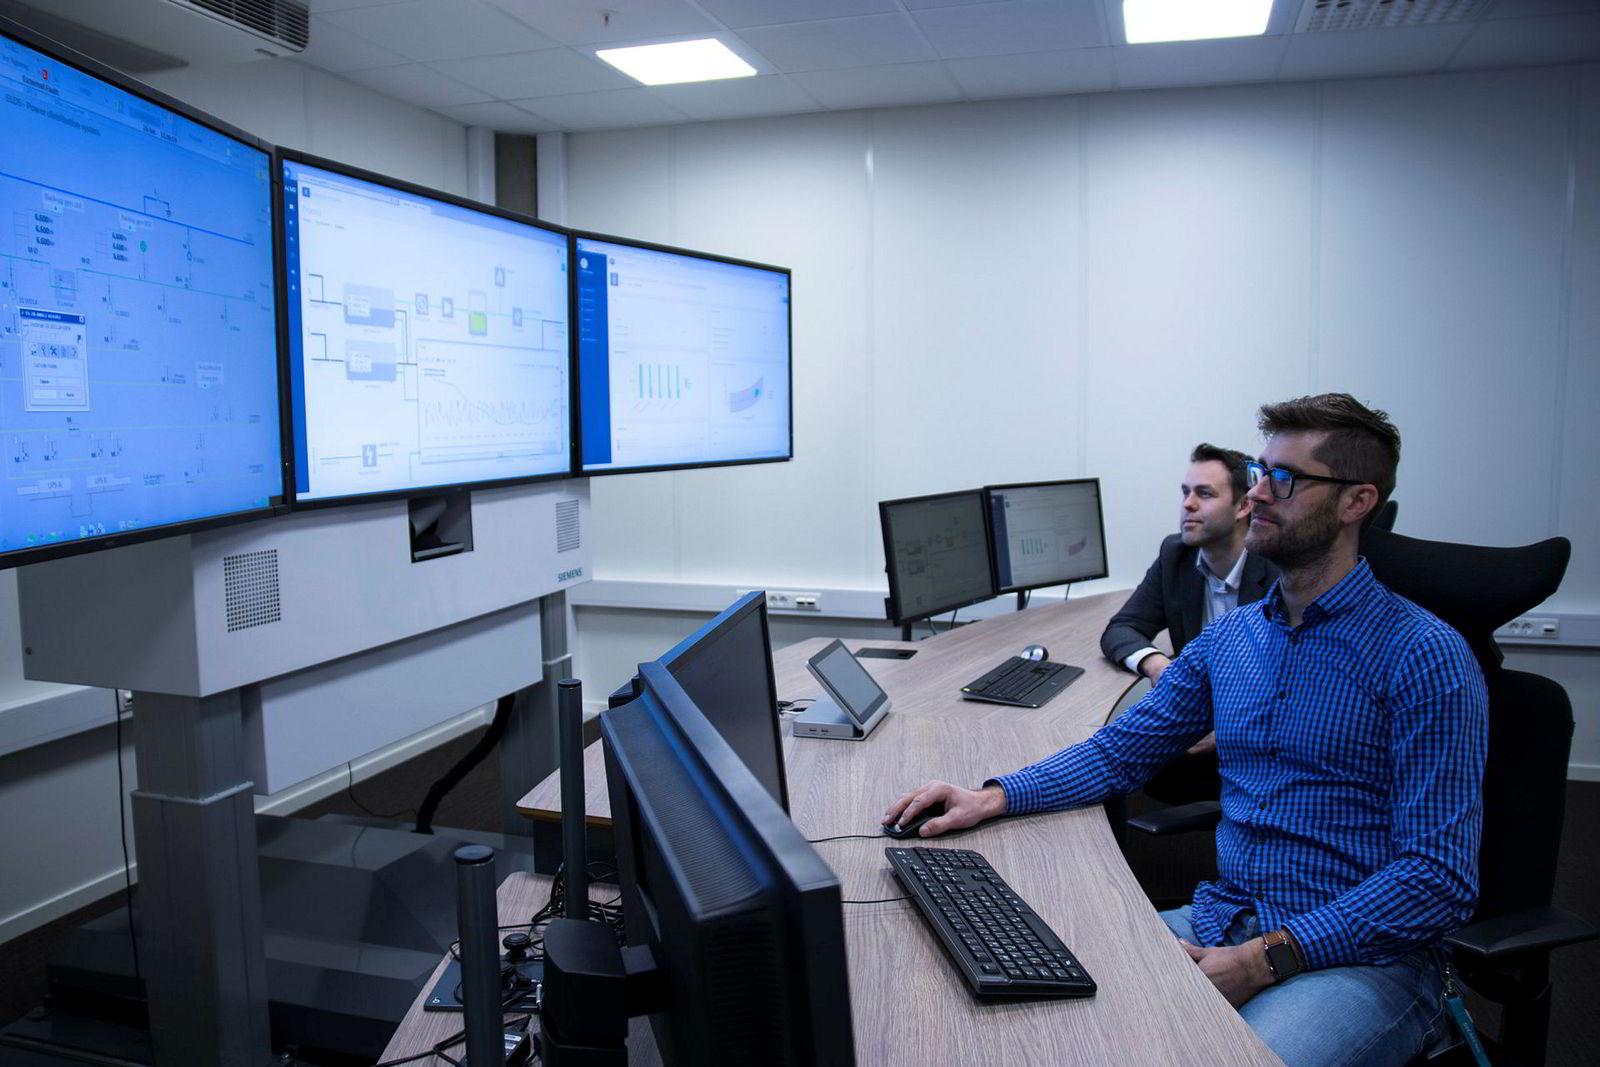 Ingeniørene Eirik Harstad og Jostein Sand Kjellsen følger med på dataene som strømmer inn fra en plattform i Nordsjøen.